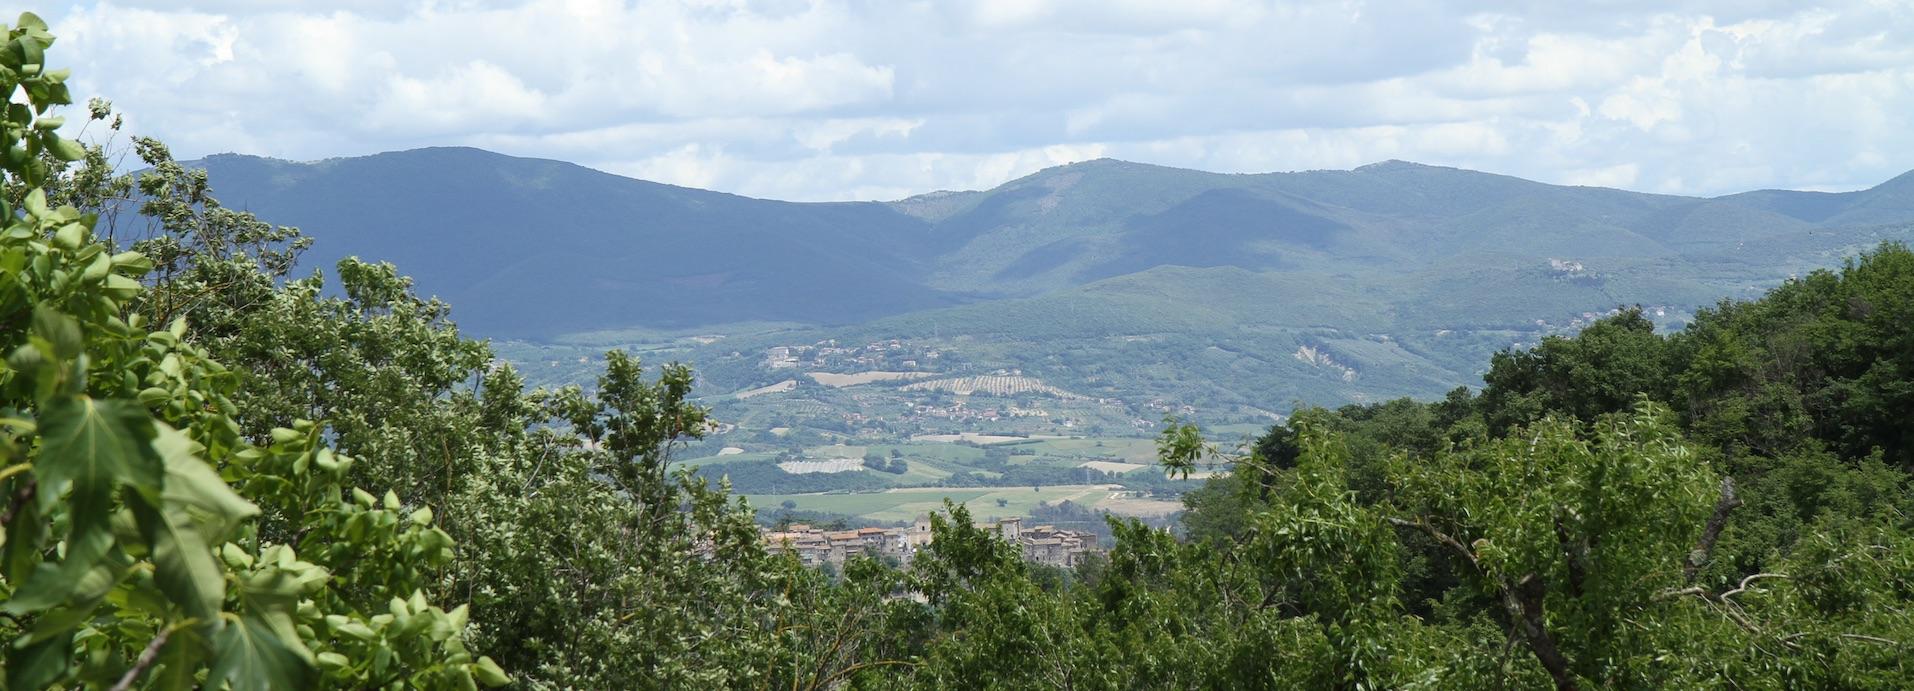 Panorama Paesini Umbri visti dal Belvedere di Podere Porcino a Castiglione in Teverina